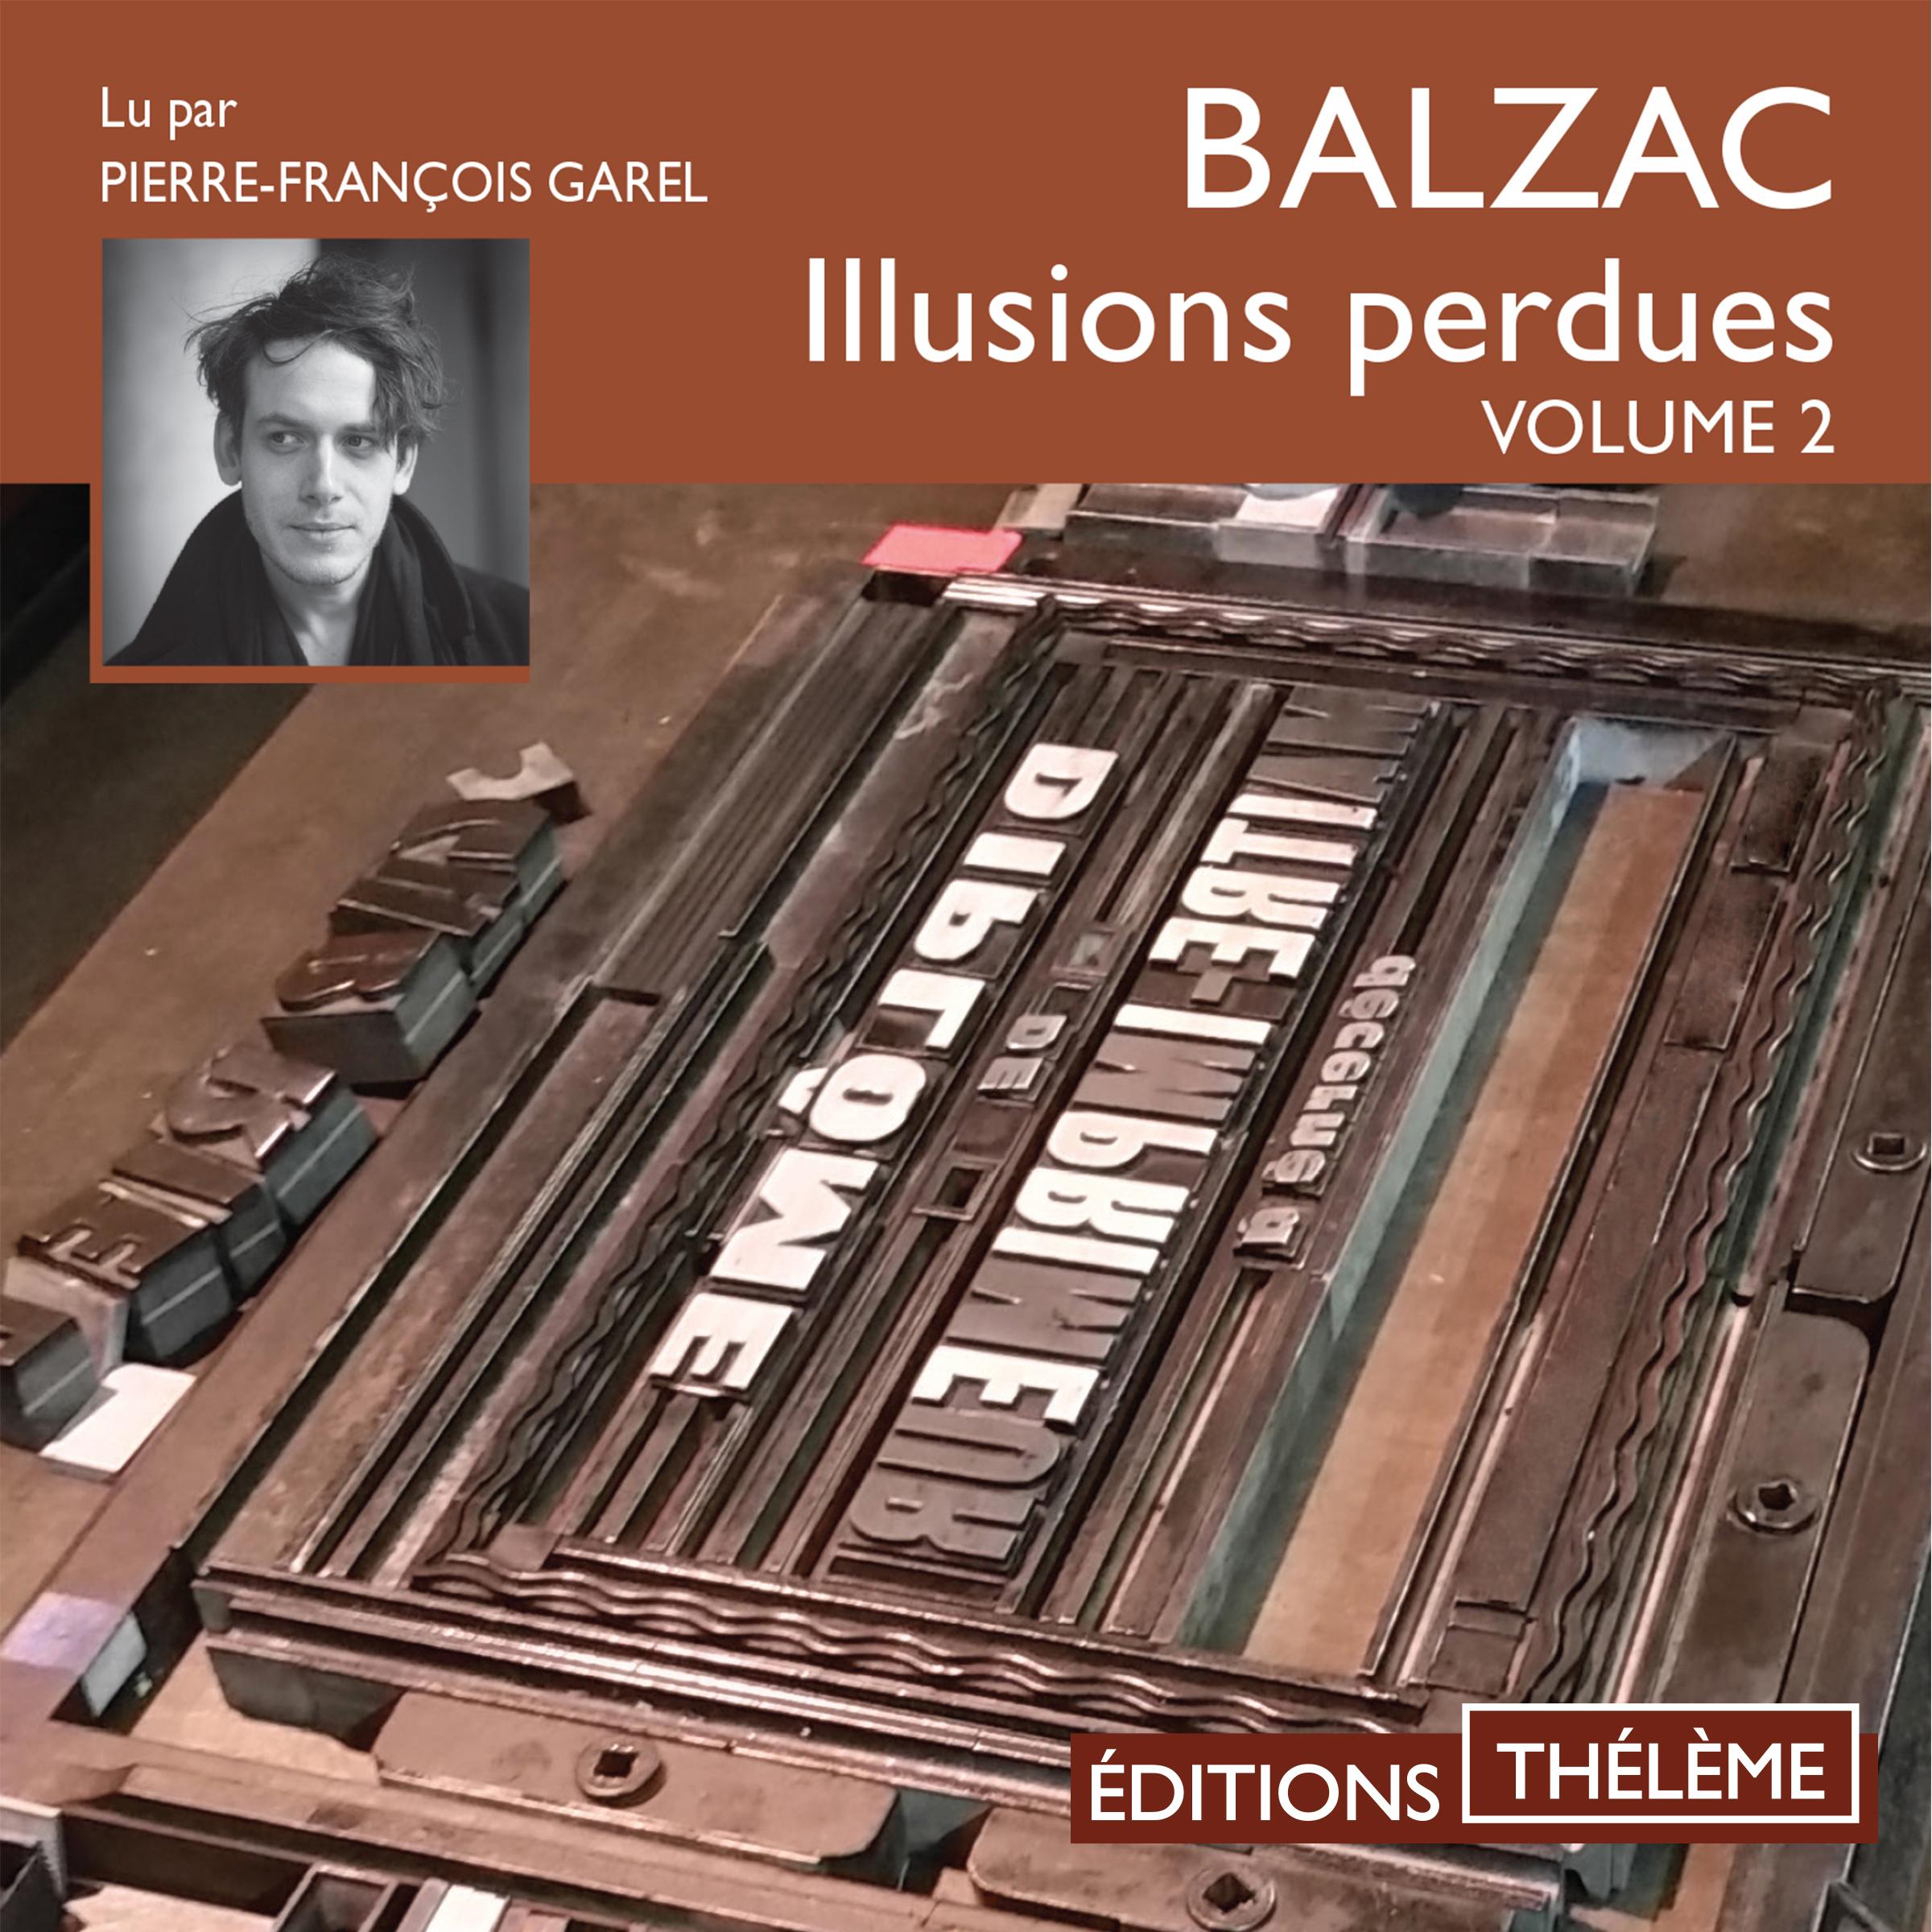 Illusions perdues (Volume 2)